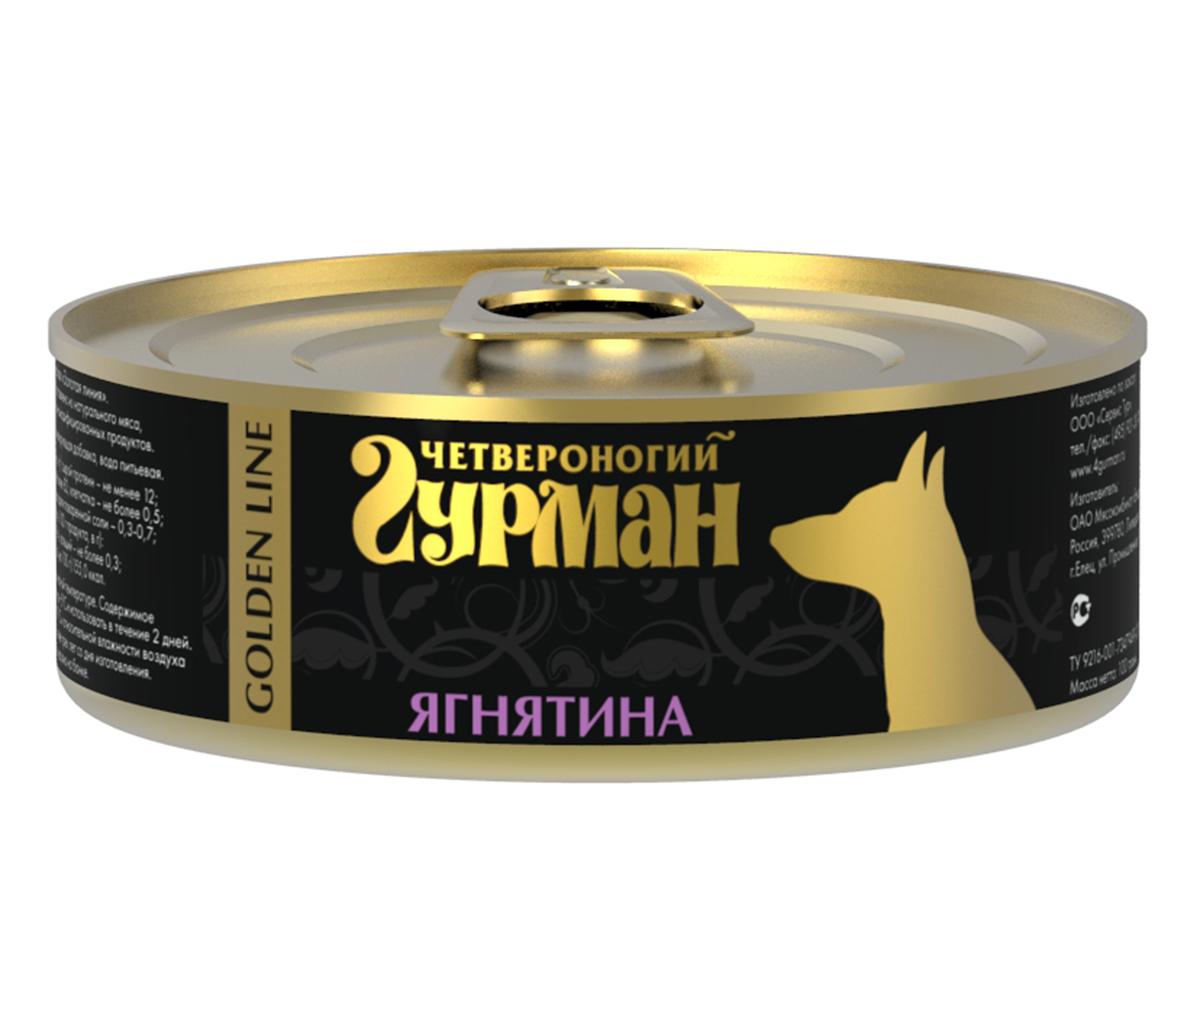 """Консервы для собак """"Четвероногий Гурман"""", с ягненком, 100 г"""